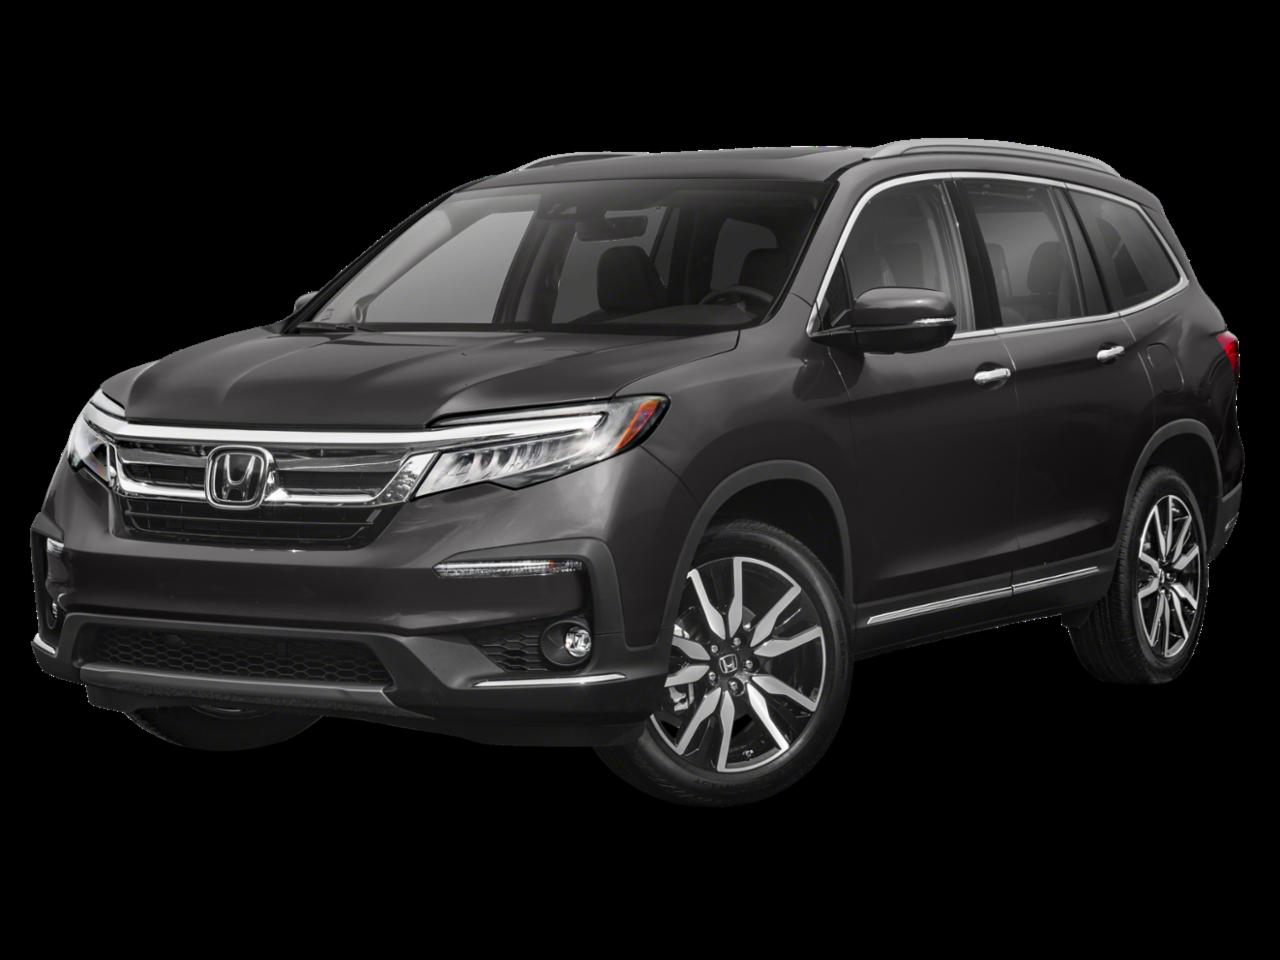 2020 Honda Pilot Elite SUV